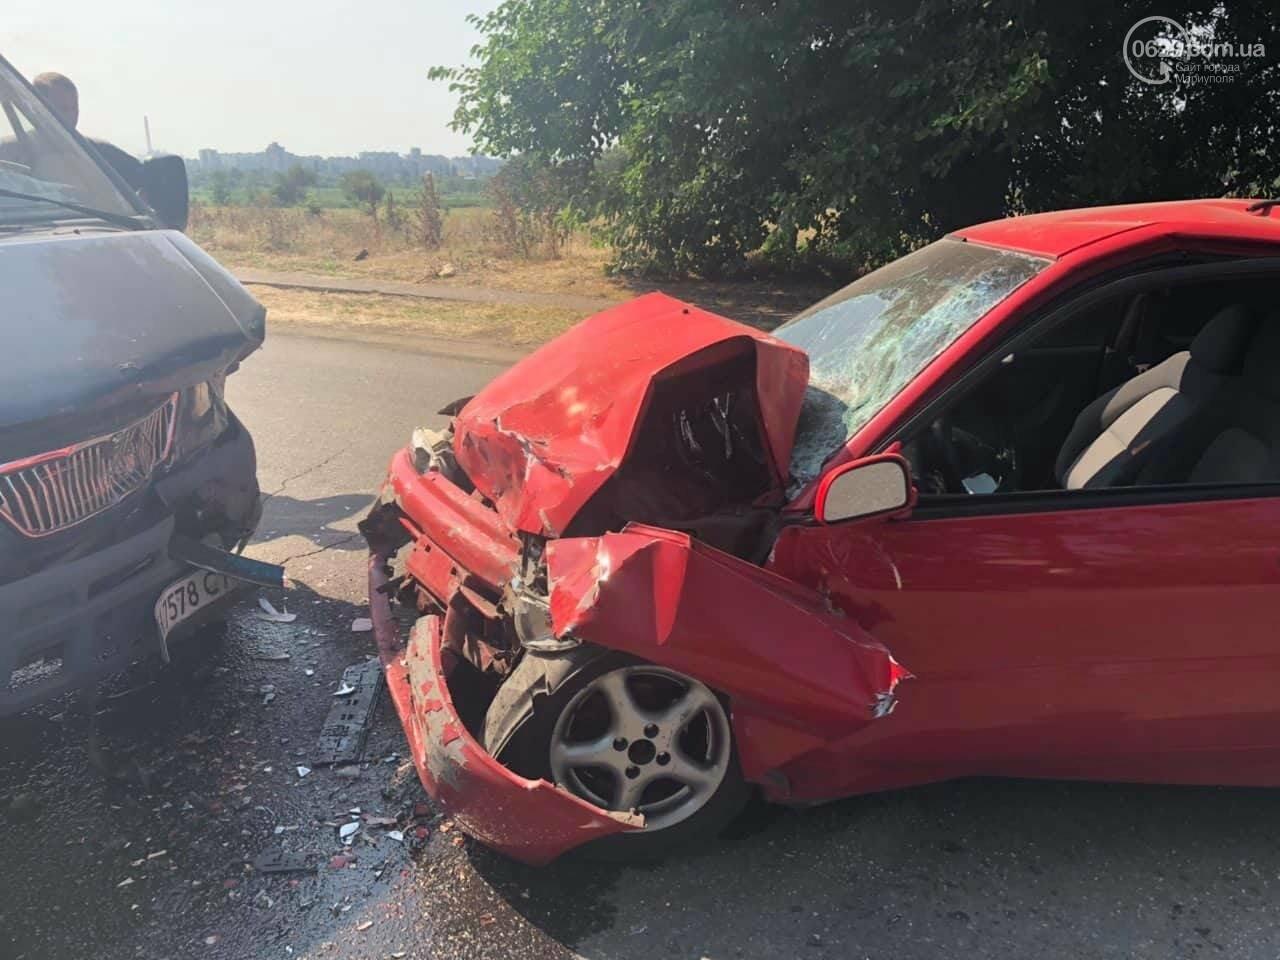 В Мариуполе Mitsubishi столкнулась с Газелью. Пострадал мужчина, - ФОТО, фото-1